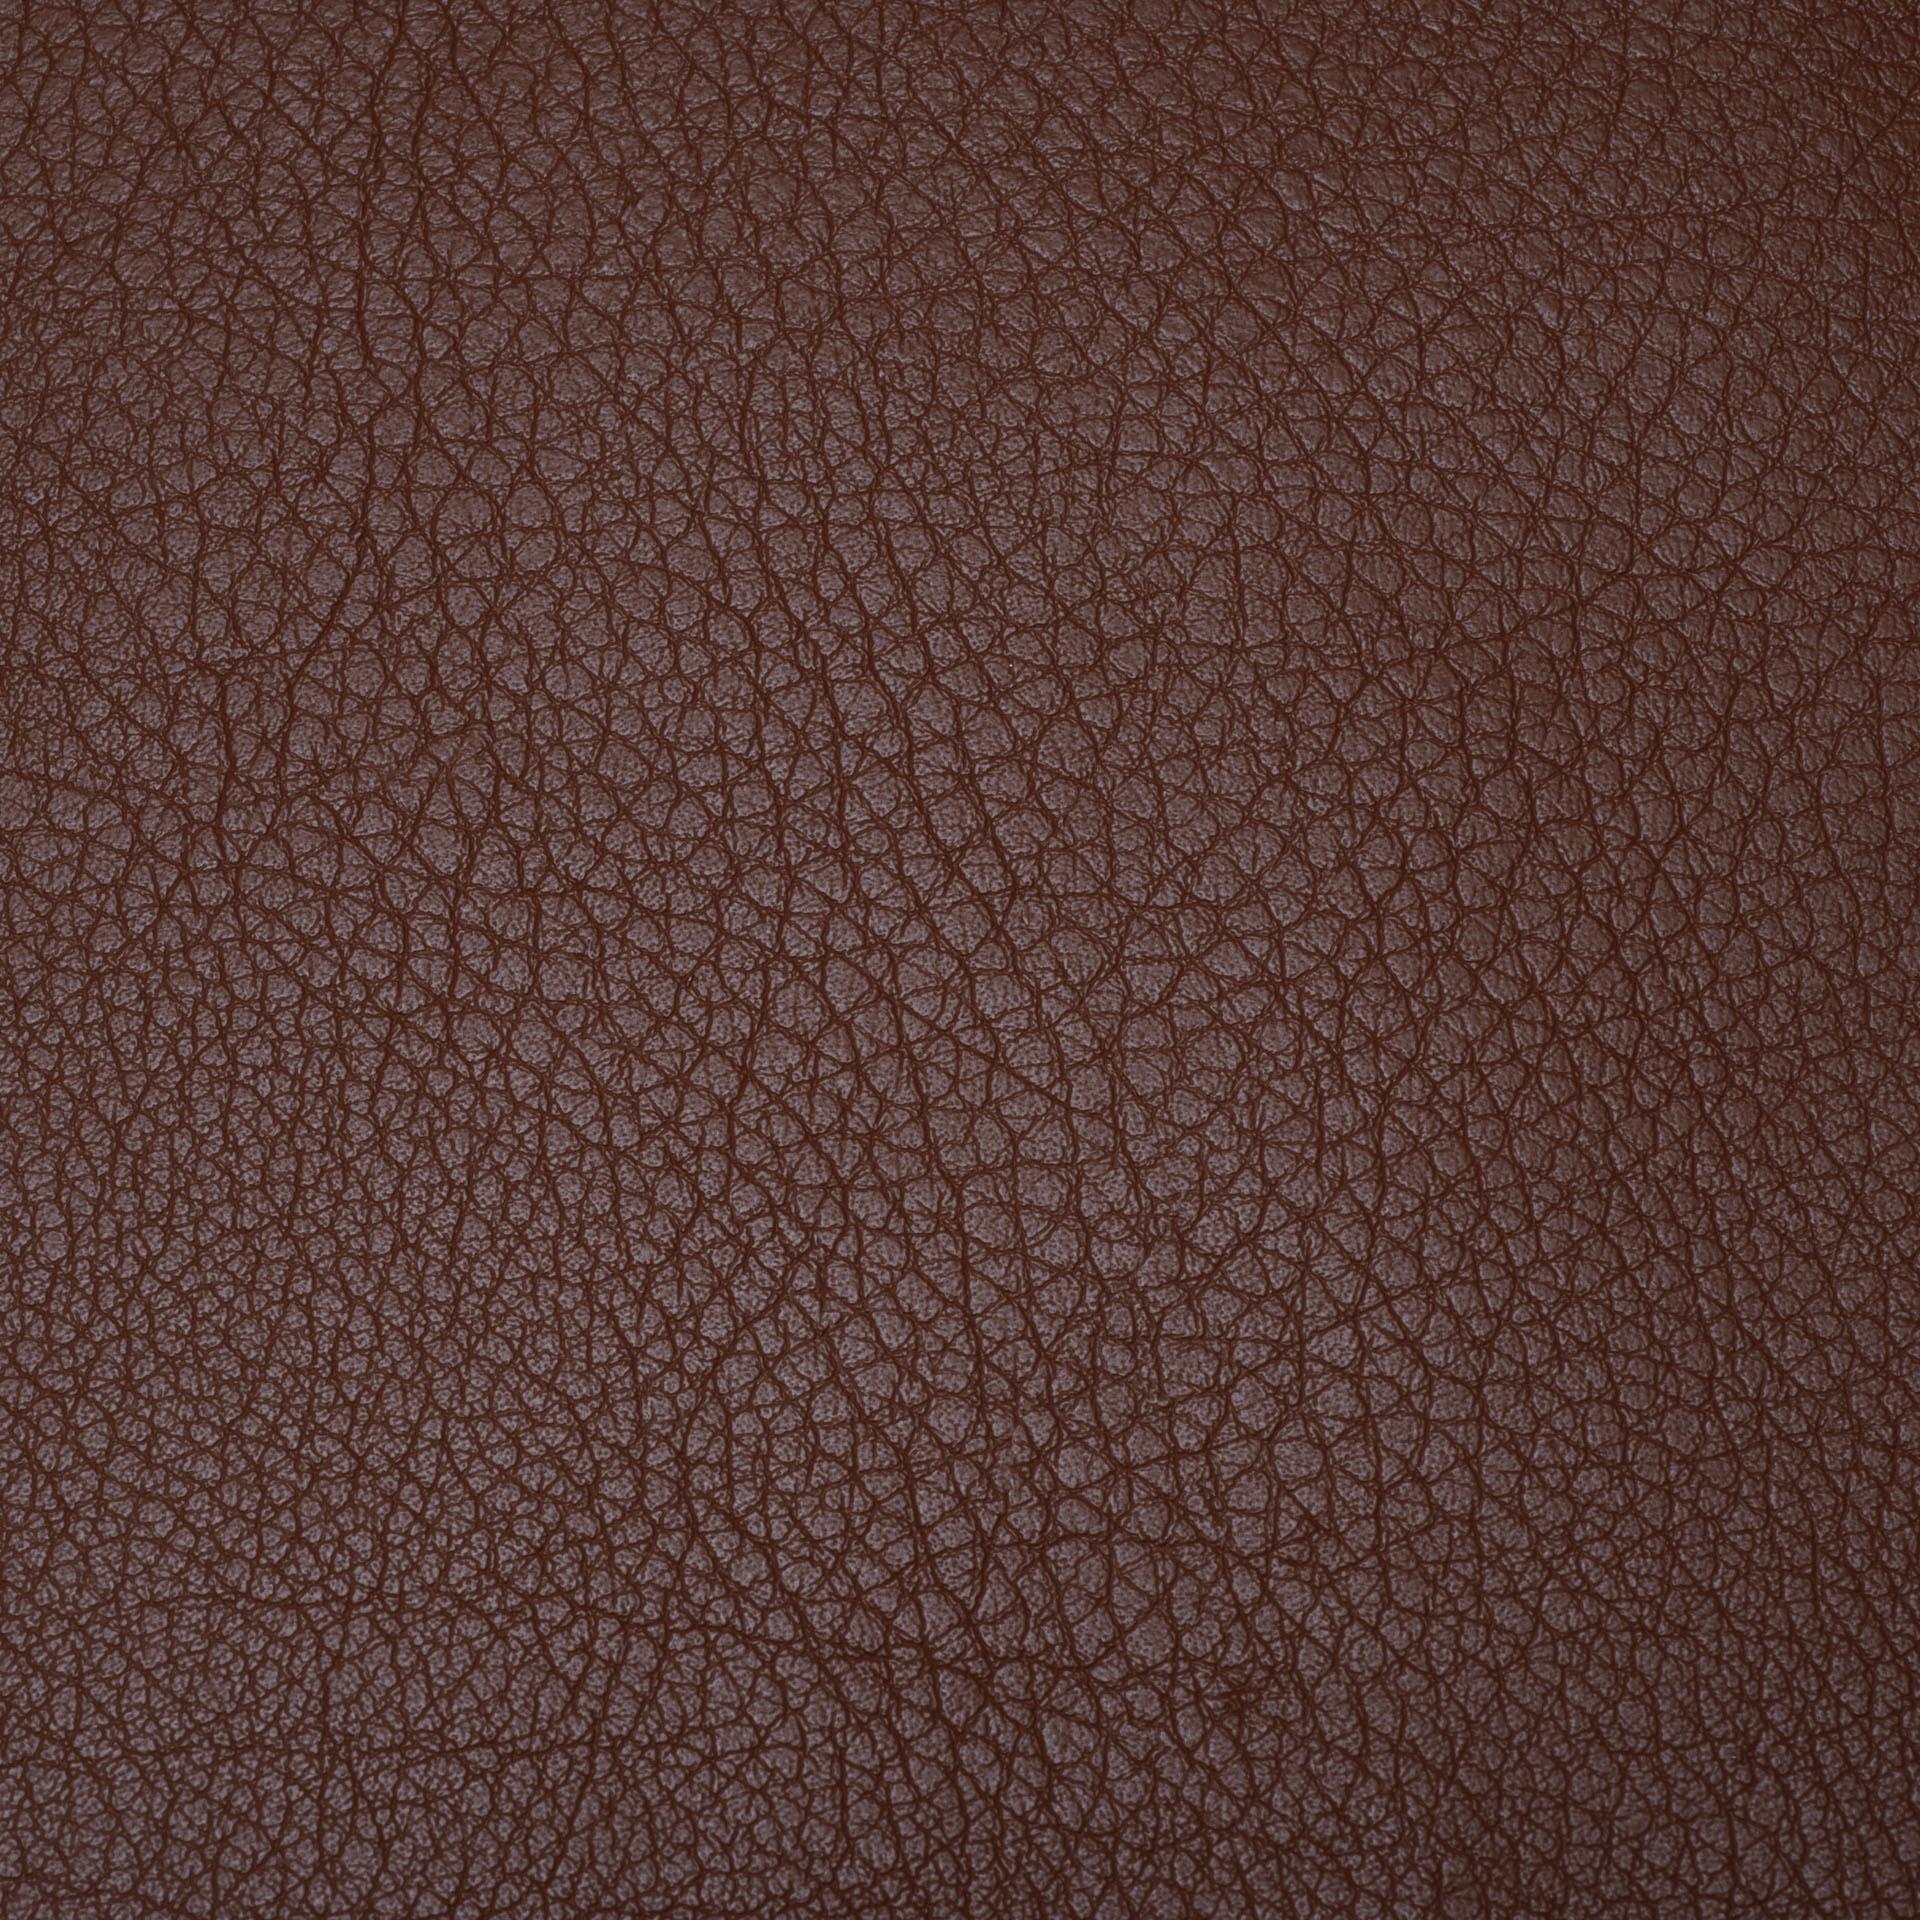 Коллекция ткани Софитель 16 Whisky Bar,  купить ткань Кож зам для мебели Украина